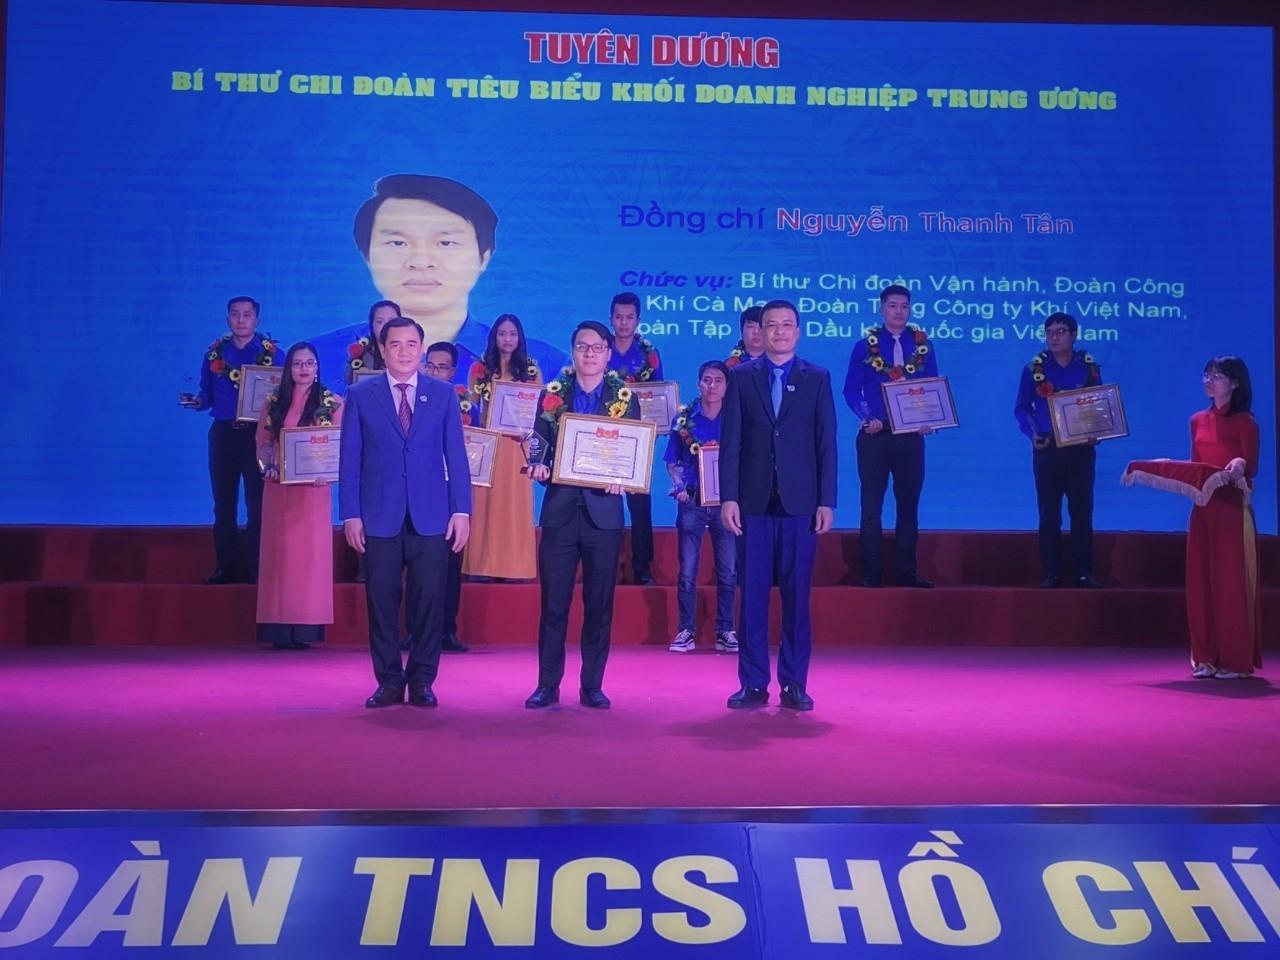 ồng chí Nguyễn Thanh Tân - Bí thư Chi đoàn Vận hành (Đoàn Công ty Khí Cà Mau, Đoàn Tổng Công ty Khí Việt Nam) được tuyên dương Bí thư Chi đoàn tiêu biểu Khối DNTW